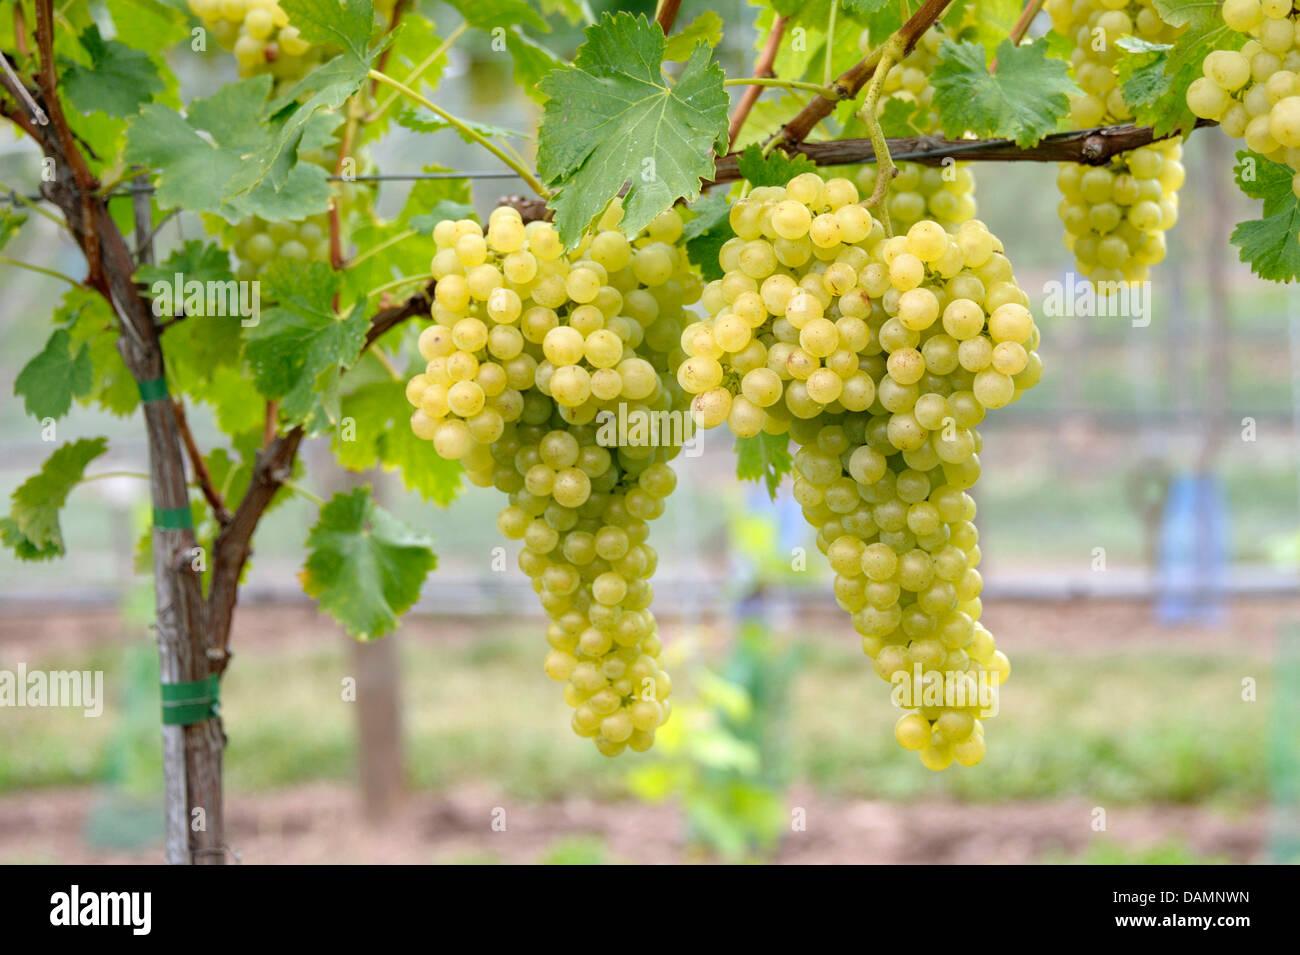 grape-vine, vine (Vitis vinifera 'Rubanka', Vitis vinifera Rubanka), cultivar Rubanka Stock Photo